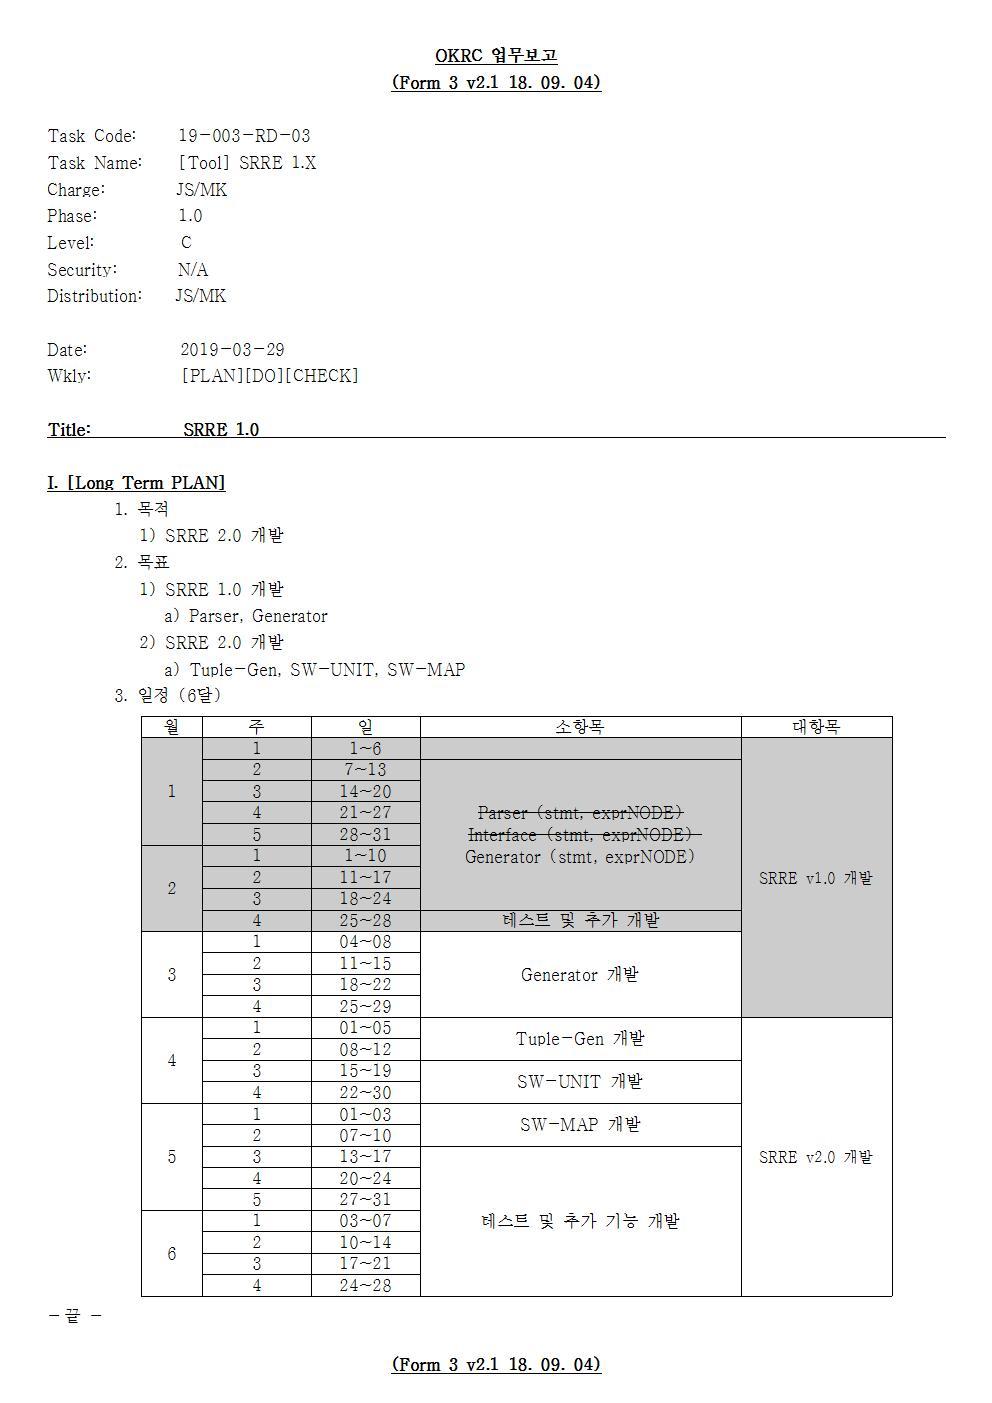 D-[19-003-RD-03]-[Tool-SRRE-1.X]-[2019-03-29][JS]001.jpg